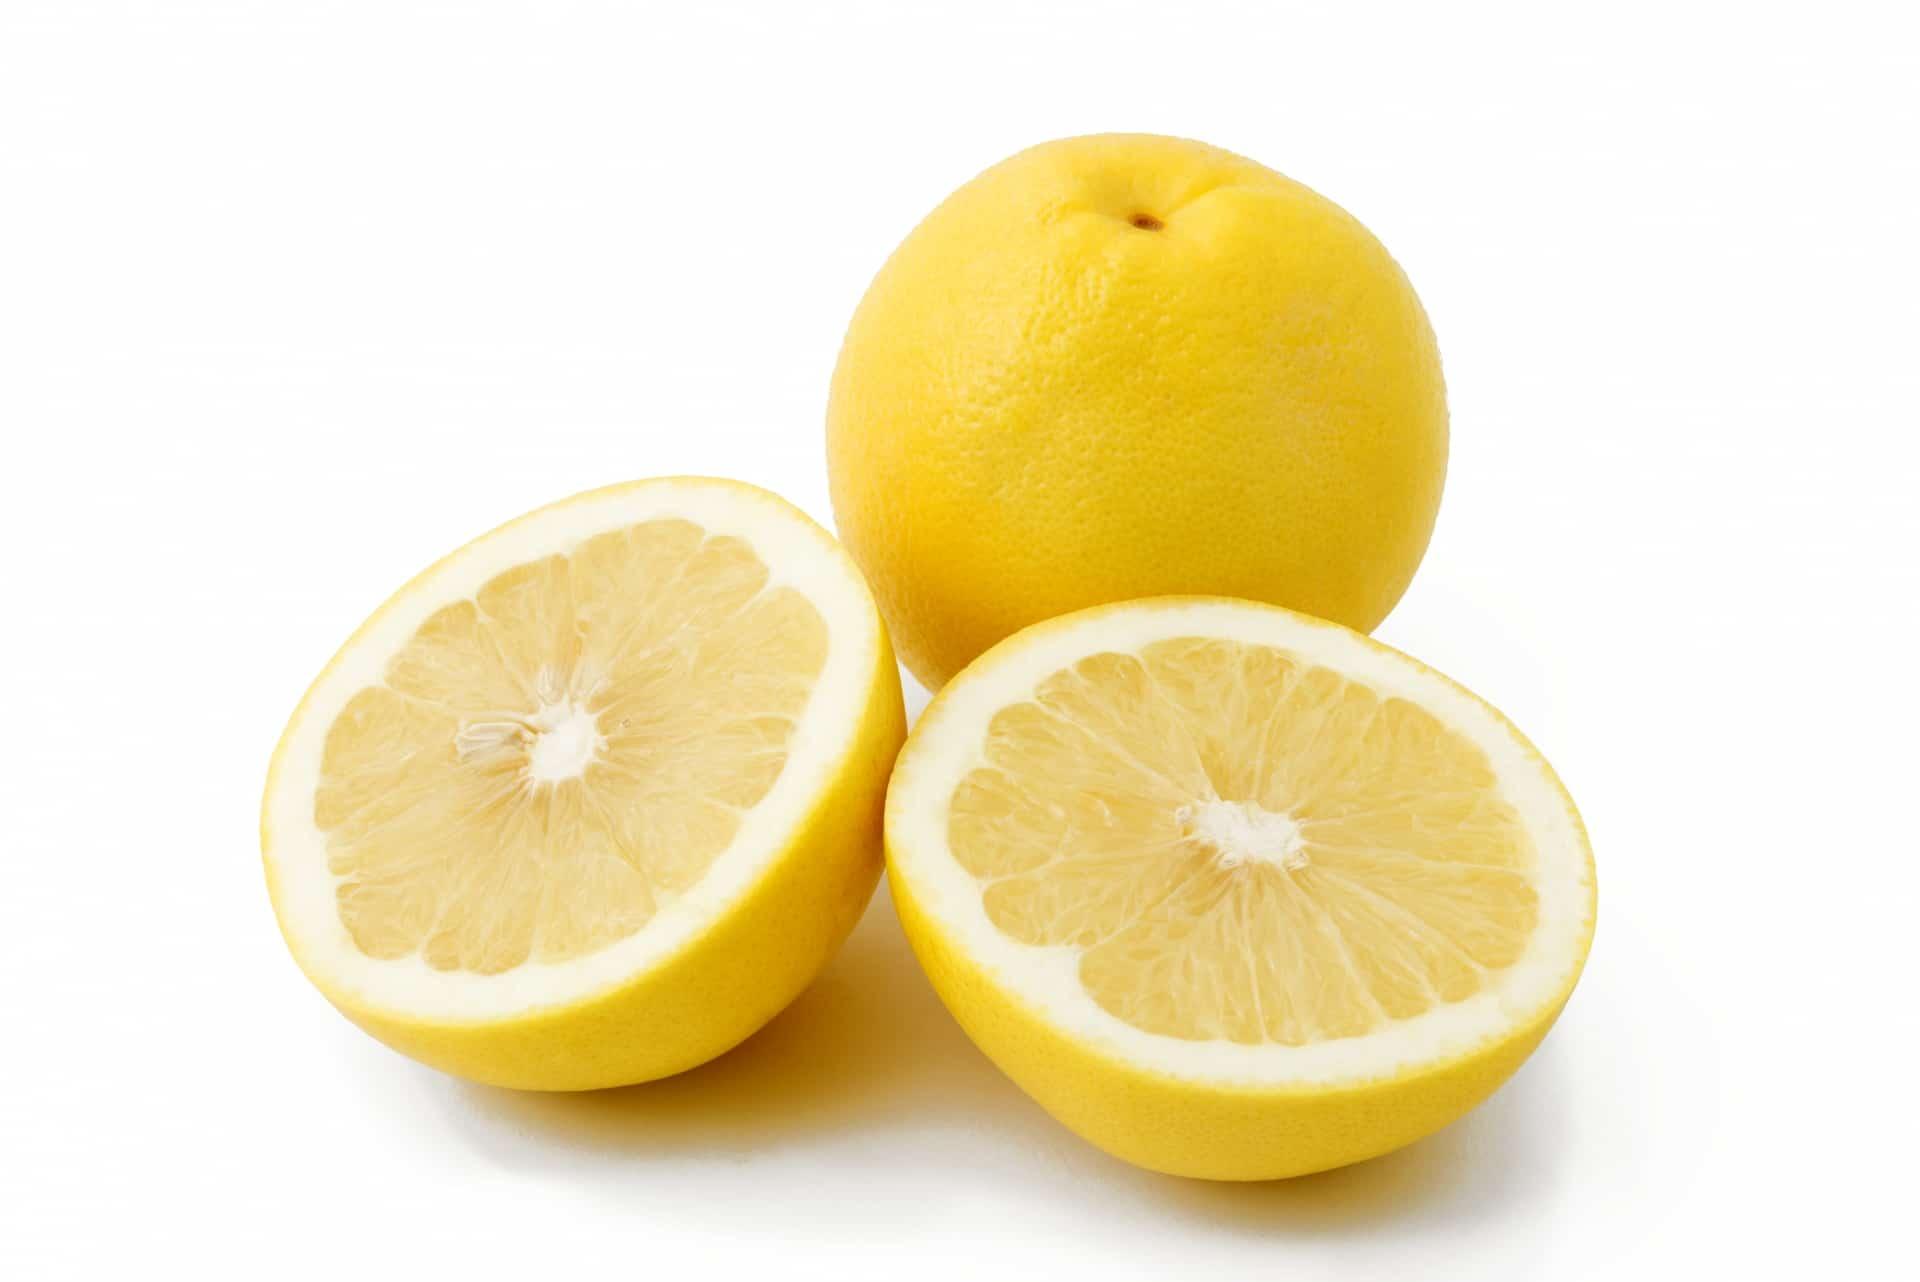 最近消費量の減ったグレープフルーツは「もはや薬」の域の食材だった!?